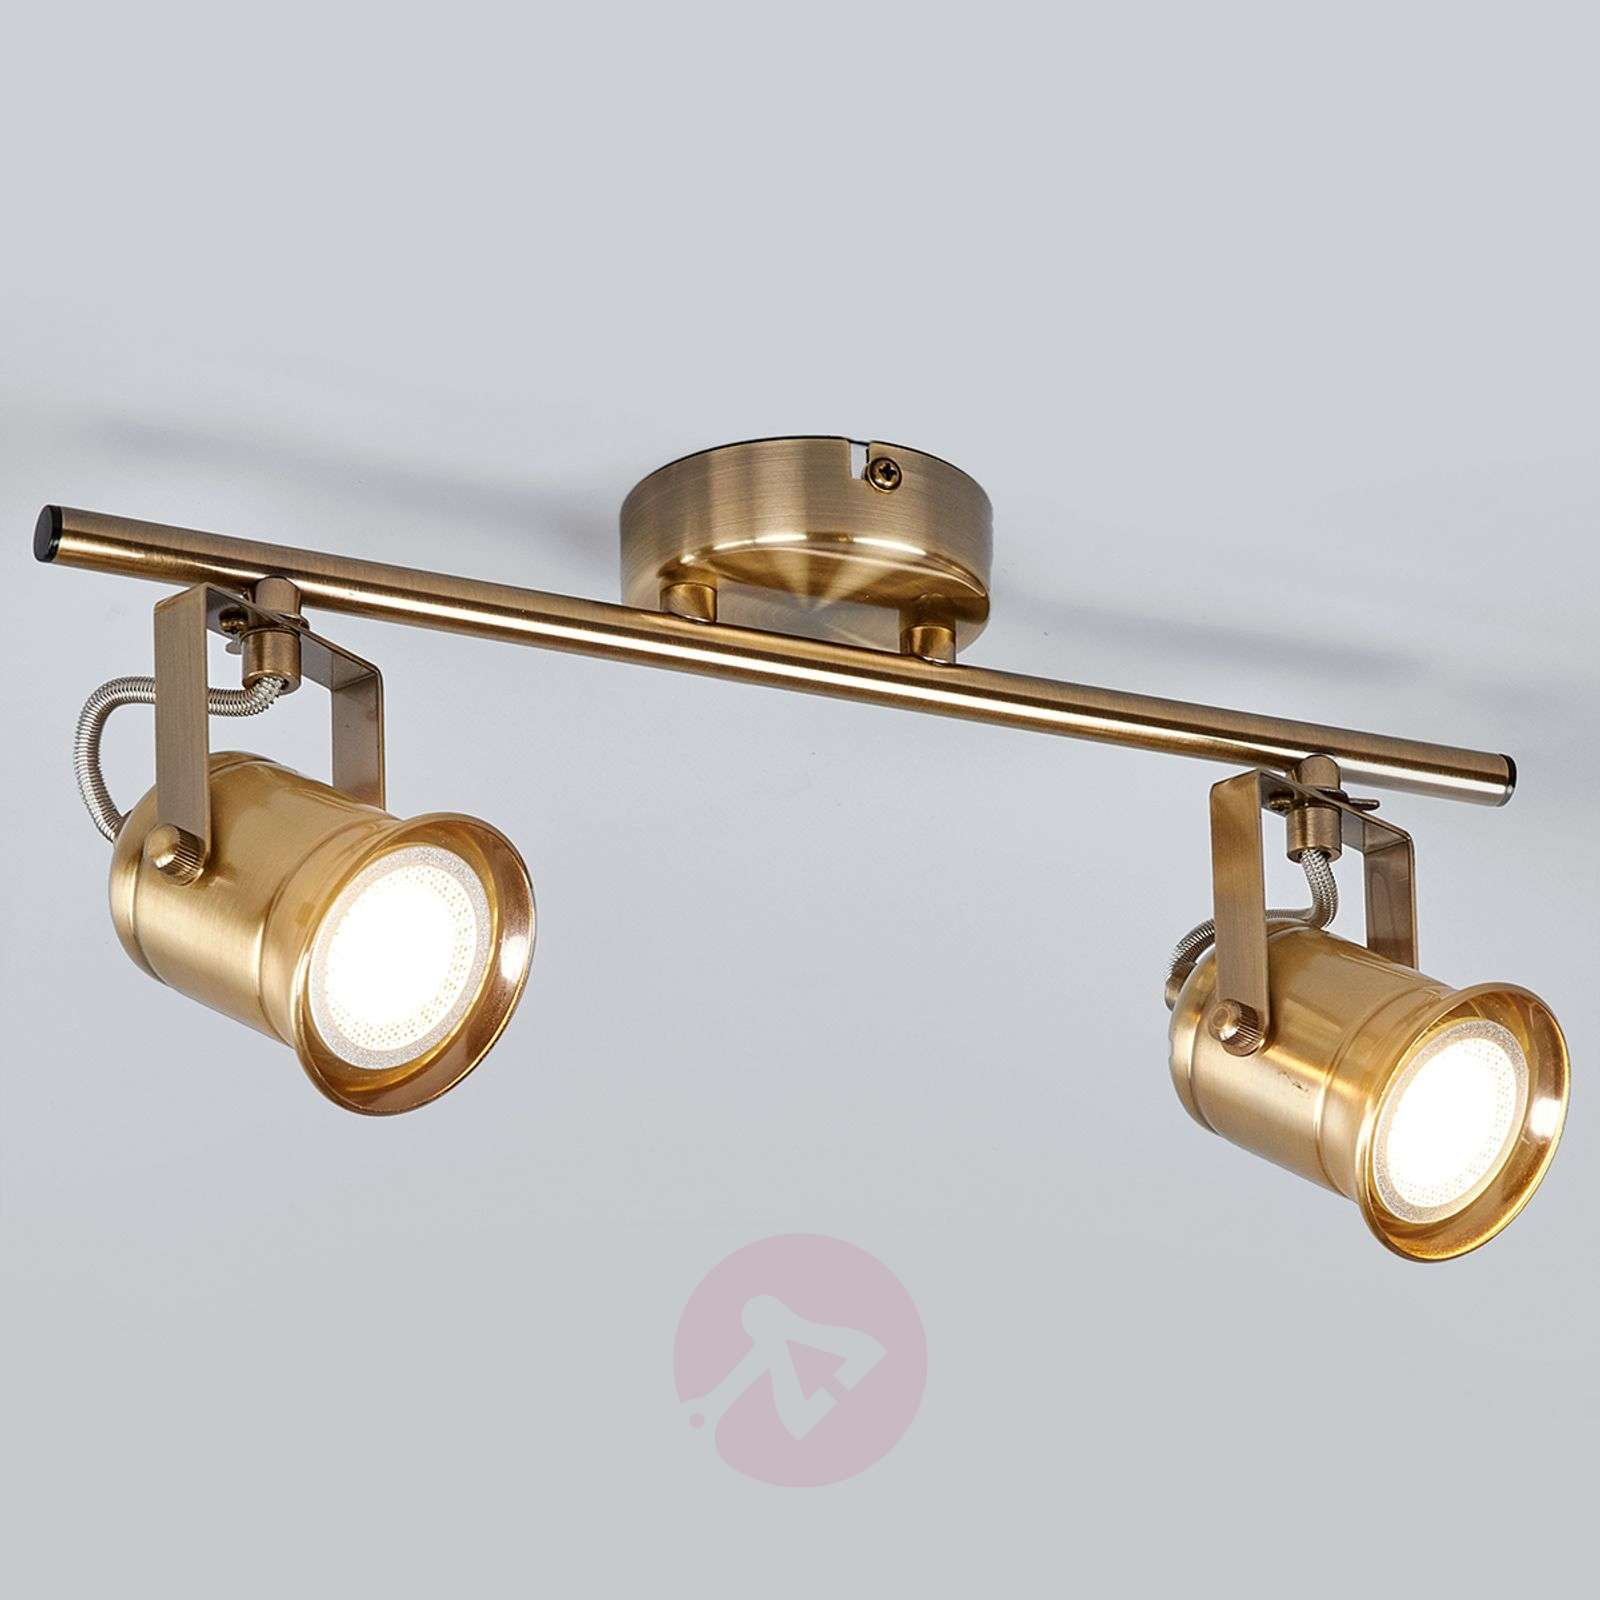 2 bulb gu10 spotlight marlis antique brass lights 2 bulb gu10 spotlight marlis antique brass 9634034 09 mozeypictures Gallery